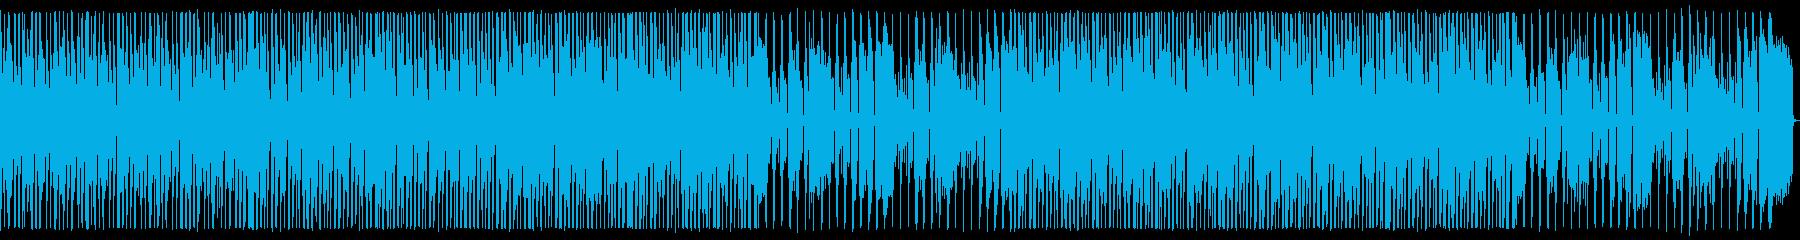 オルガンとサックスの旅支度的なBGMの再生済みの波形